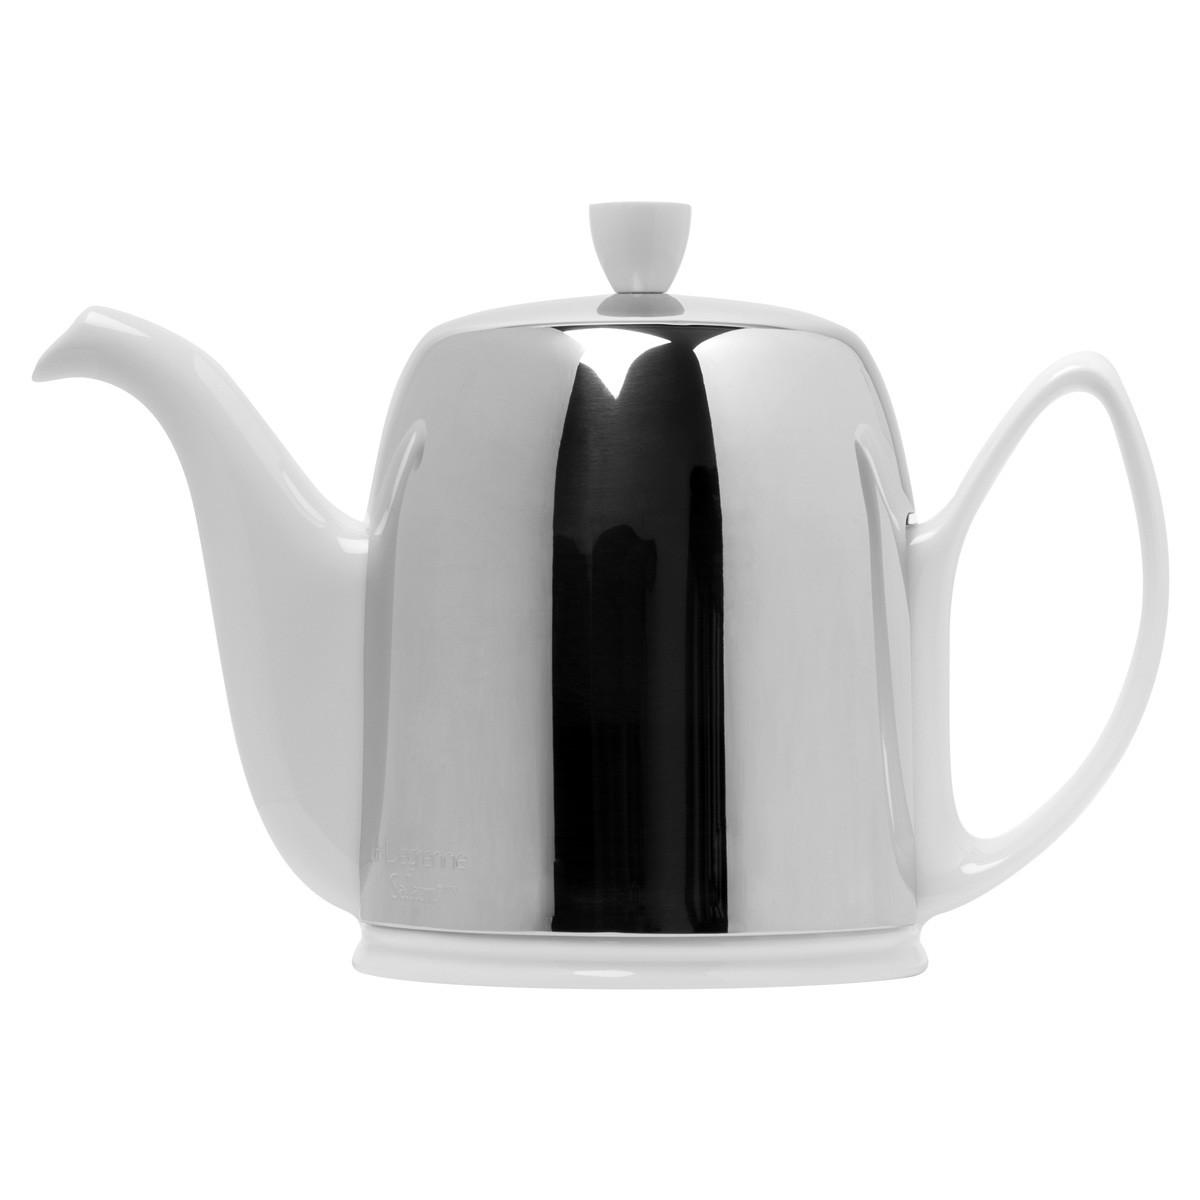 guy degrenne white 6 cups 1l. Black Bedroom Furniture Sets. Home Design Ideas